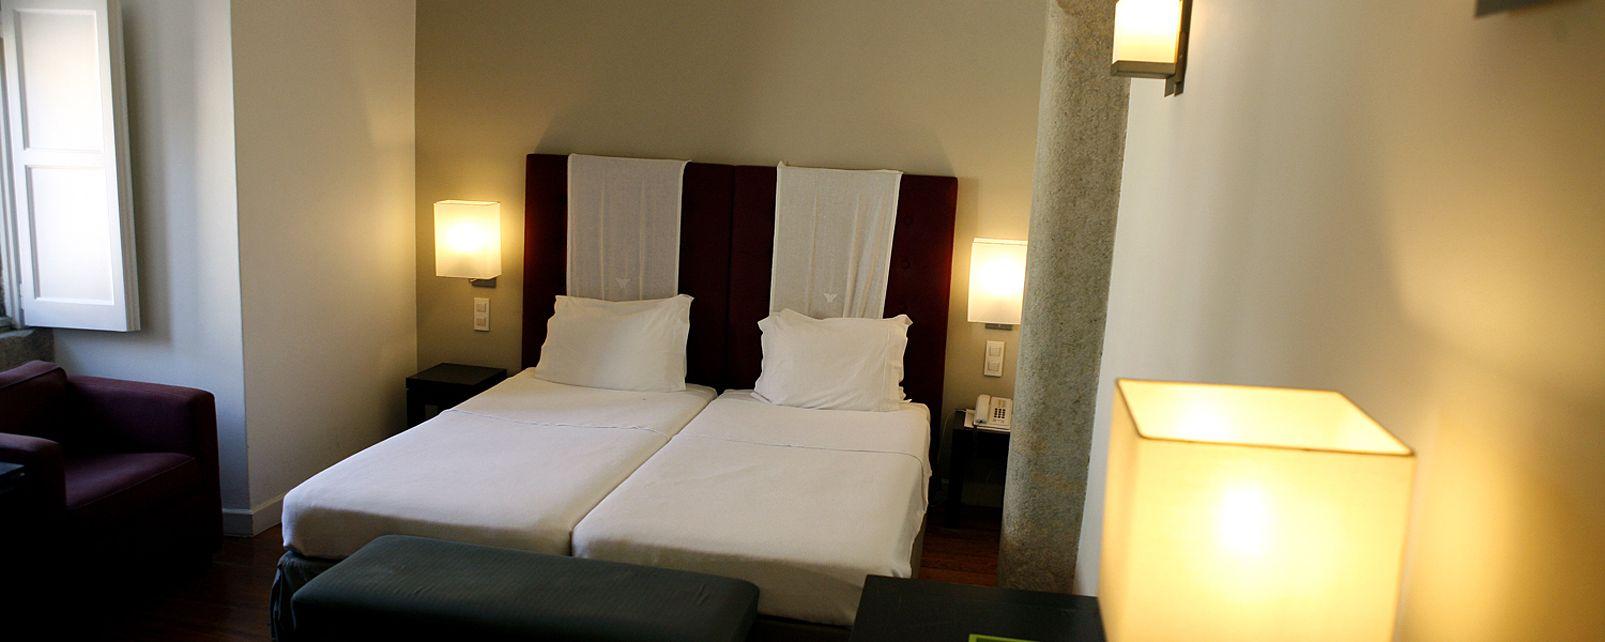 Hotel York House